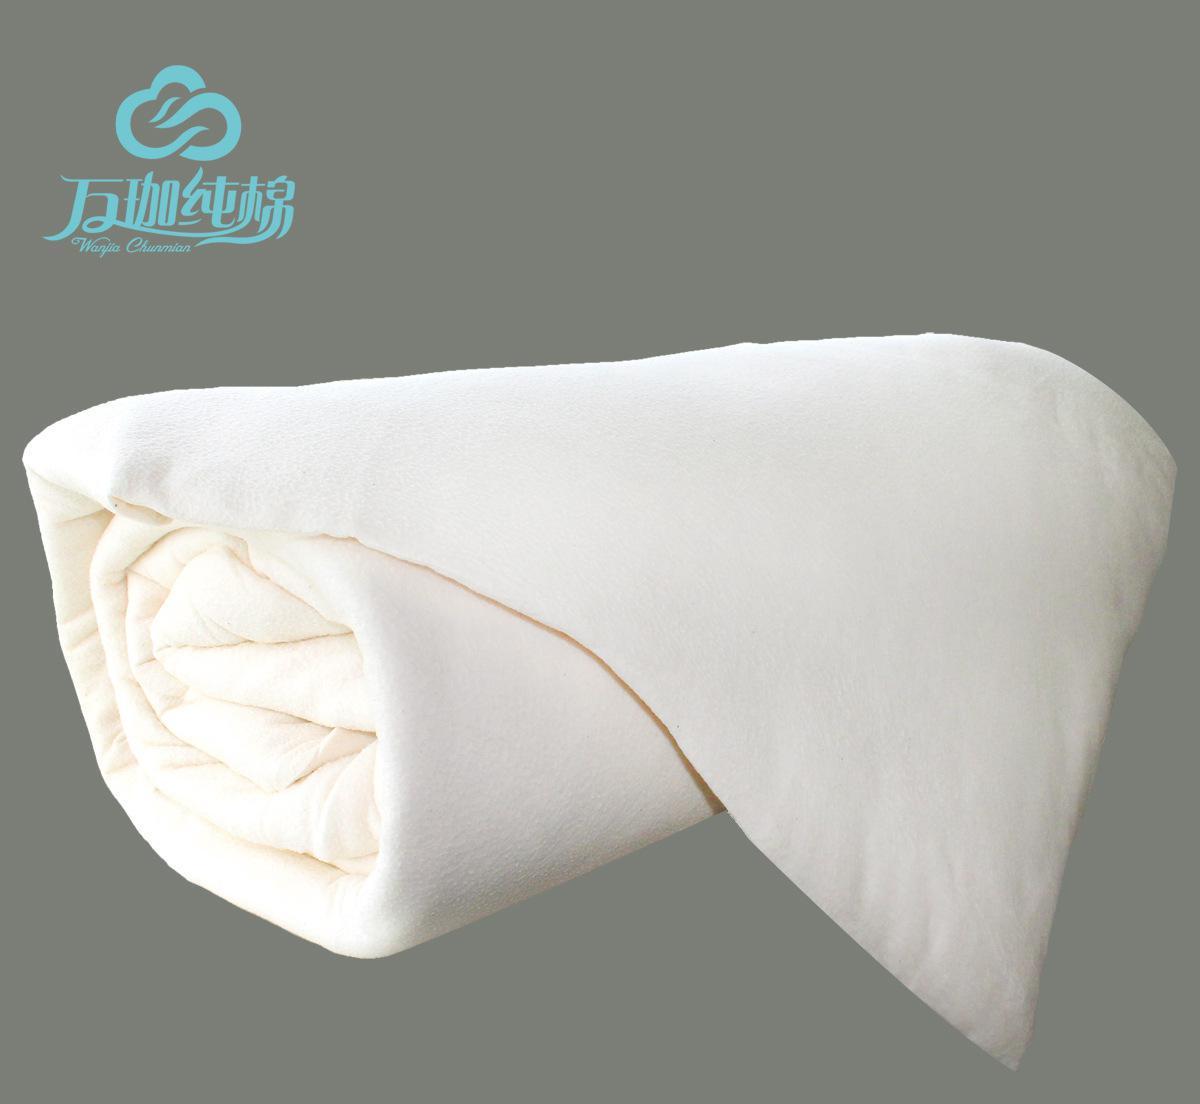 新疆春秋棉被床上用品厂家直销可定做特殊尺寸有网被芯2斤